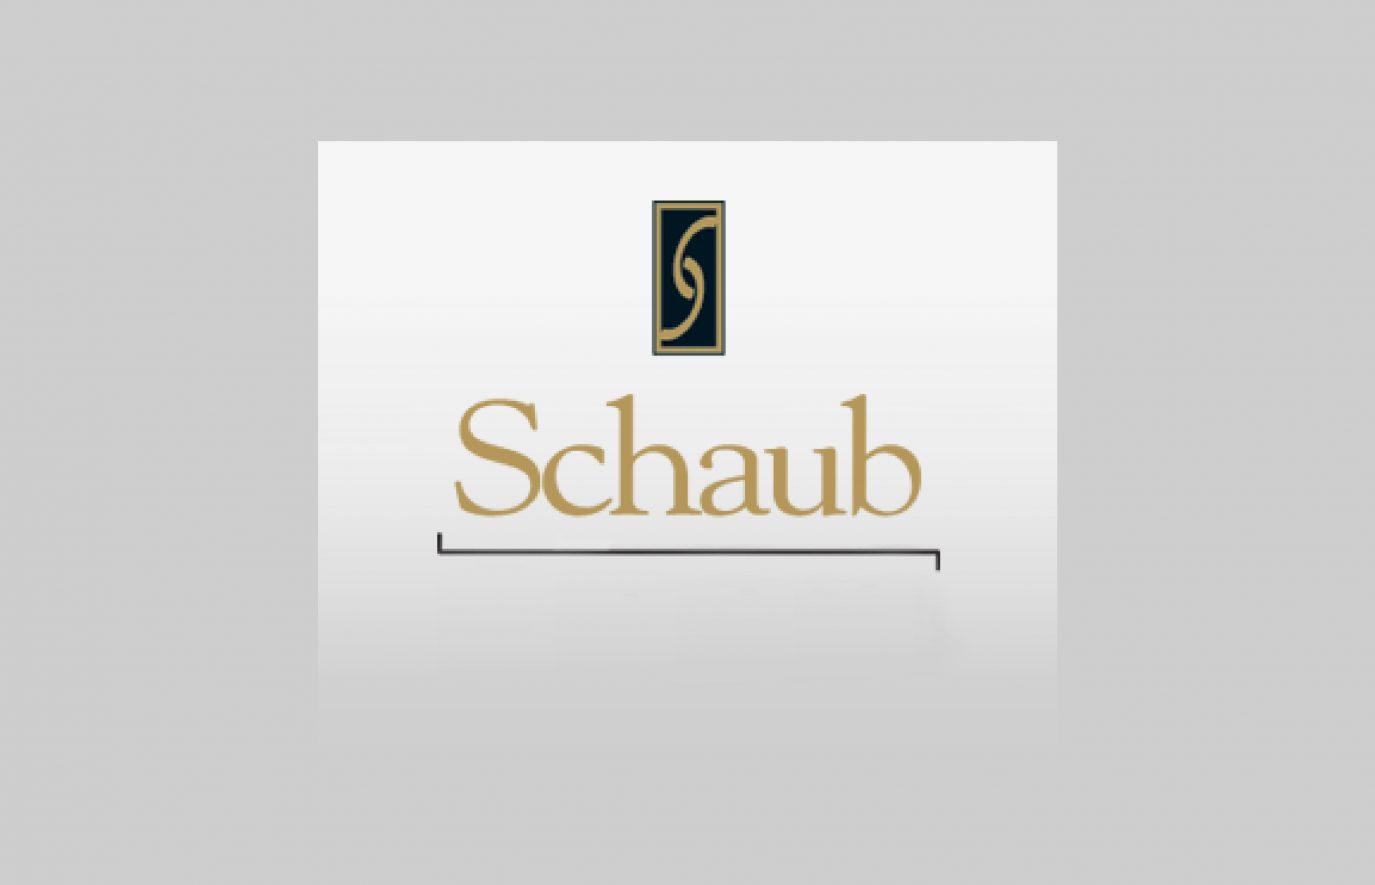 schaub2